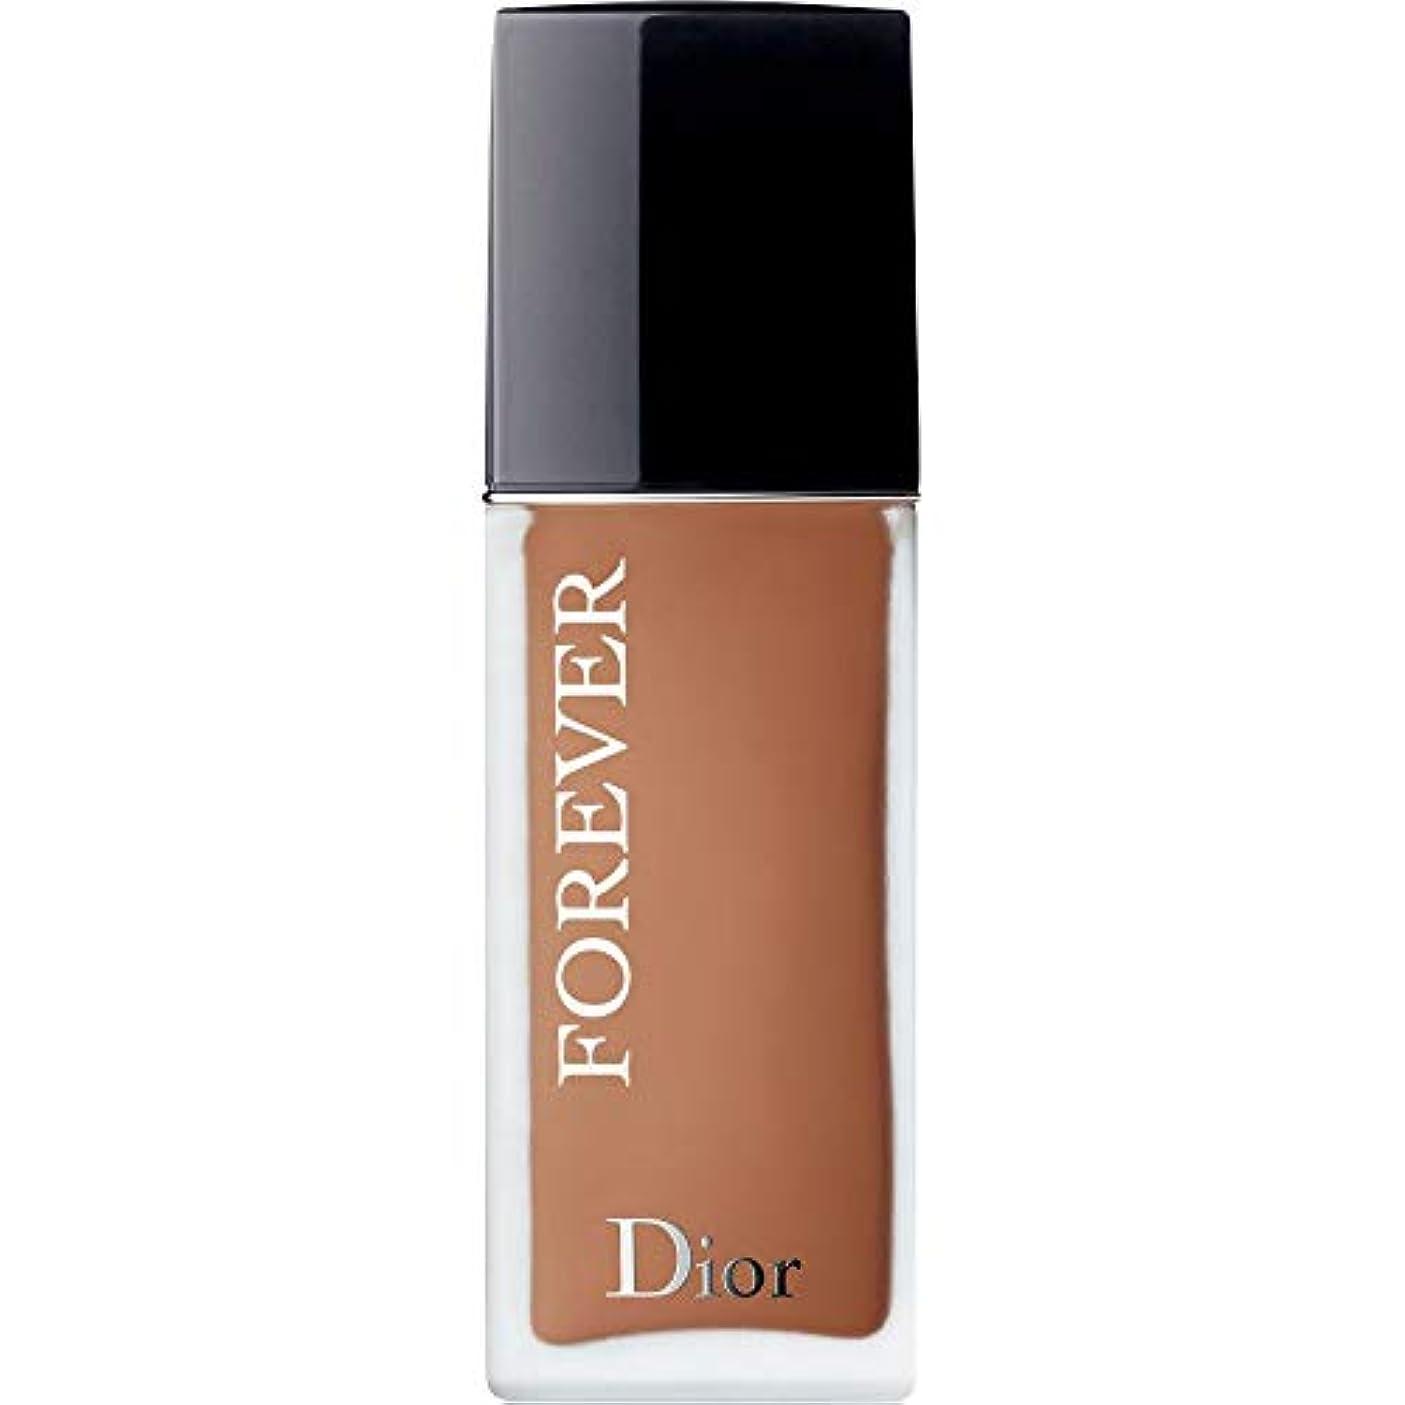 敷居無駄にライナー[Dior ] ディオール永遠皮膚思いやりの基盤Spf35 30ミリリットルの5N - ニュートラル(つや消し) - DIOR Forever Skin-Caring Foundation SPF35 30ml 5N -...